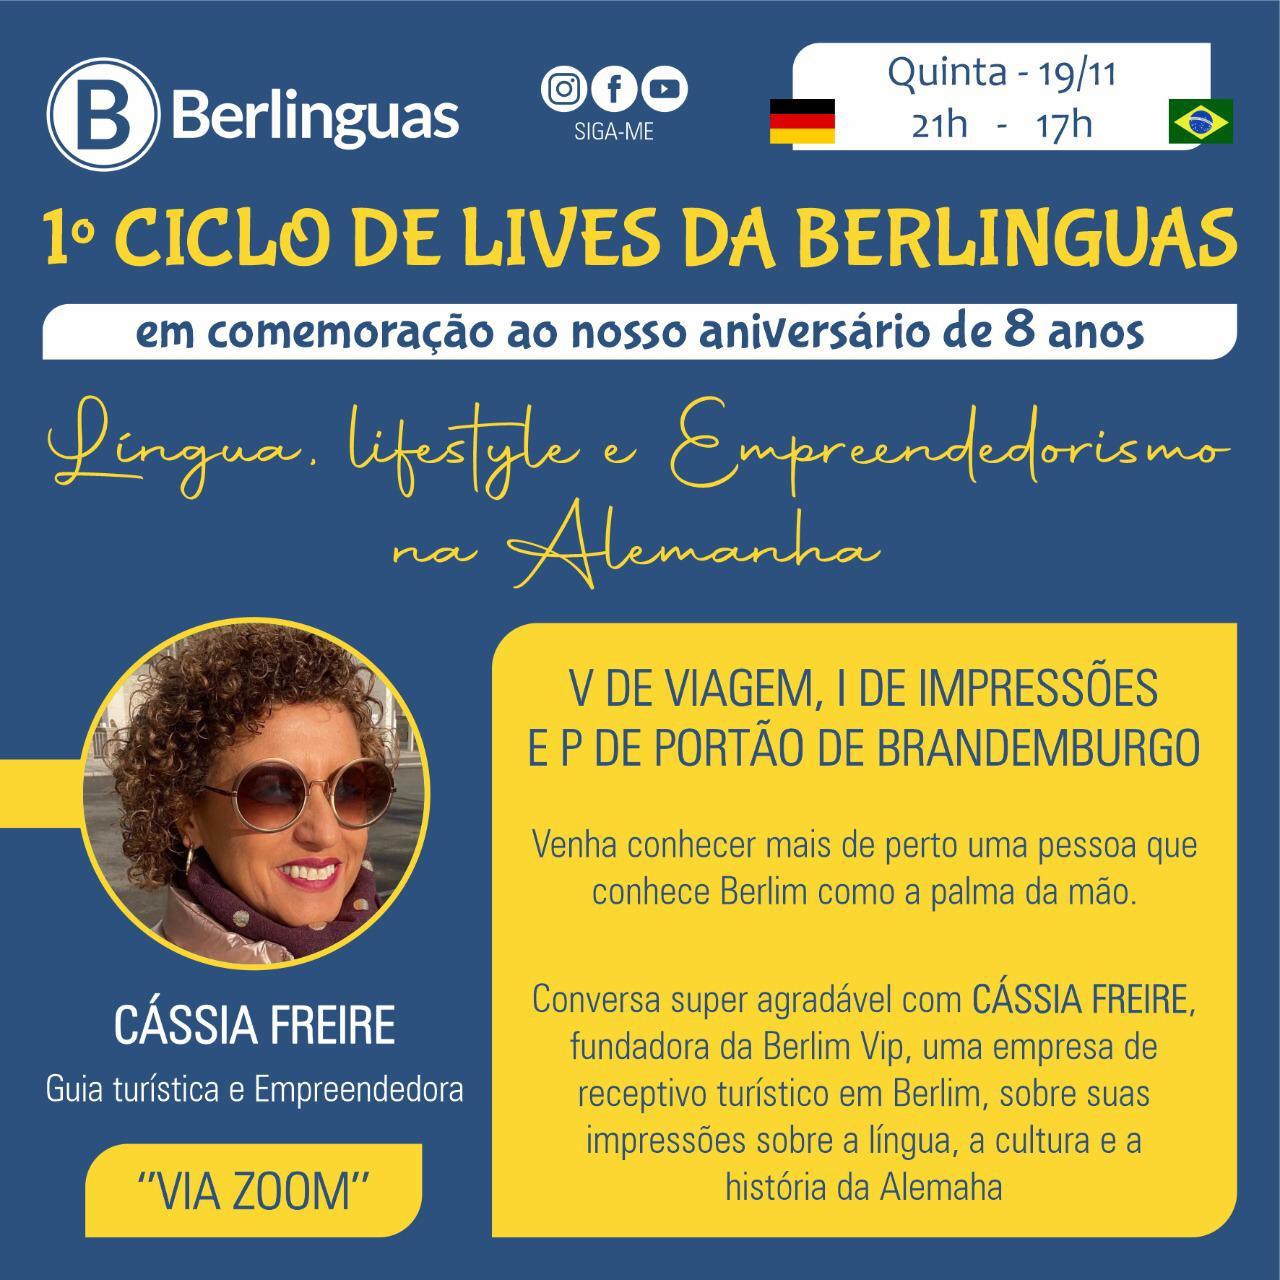 1-ciclo-de-lives-da-berlinguas-cassia-freire